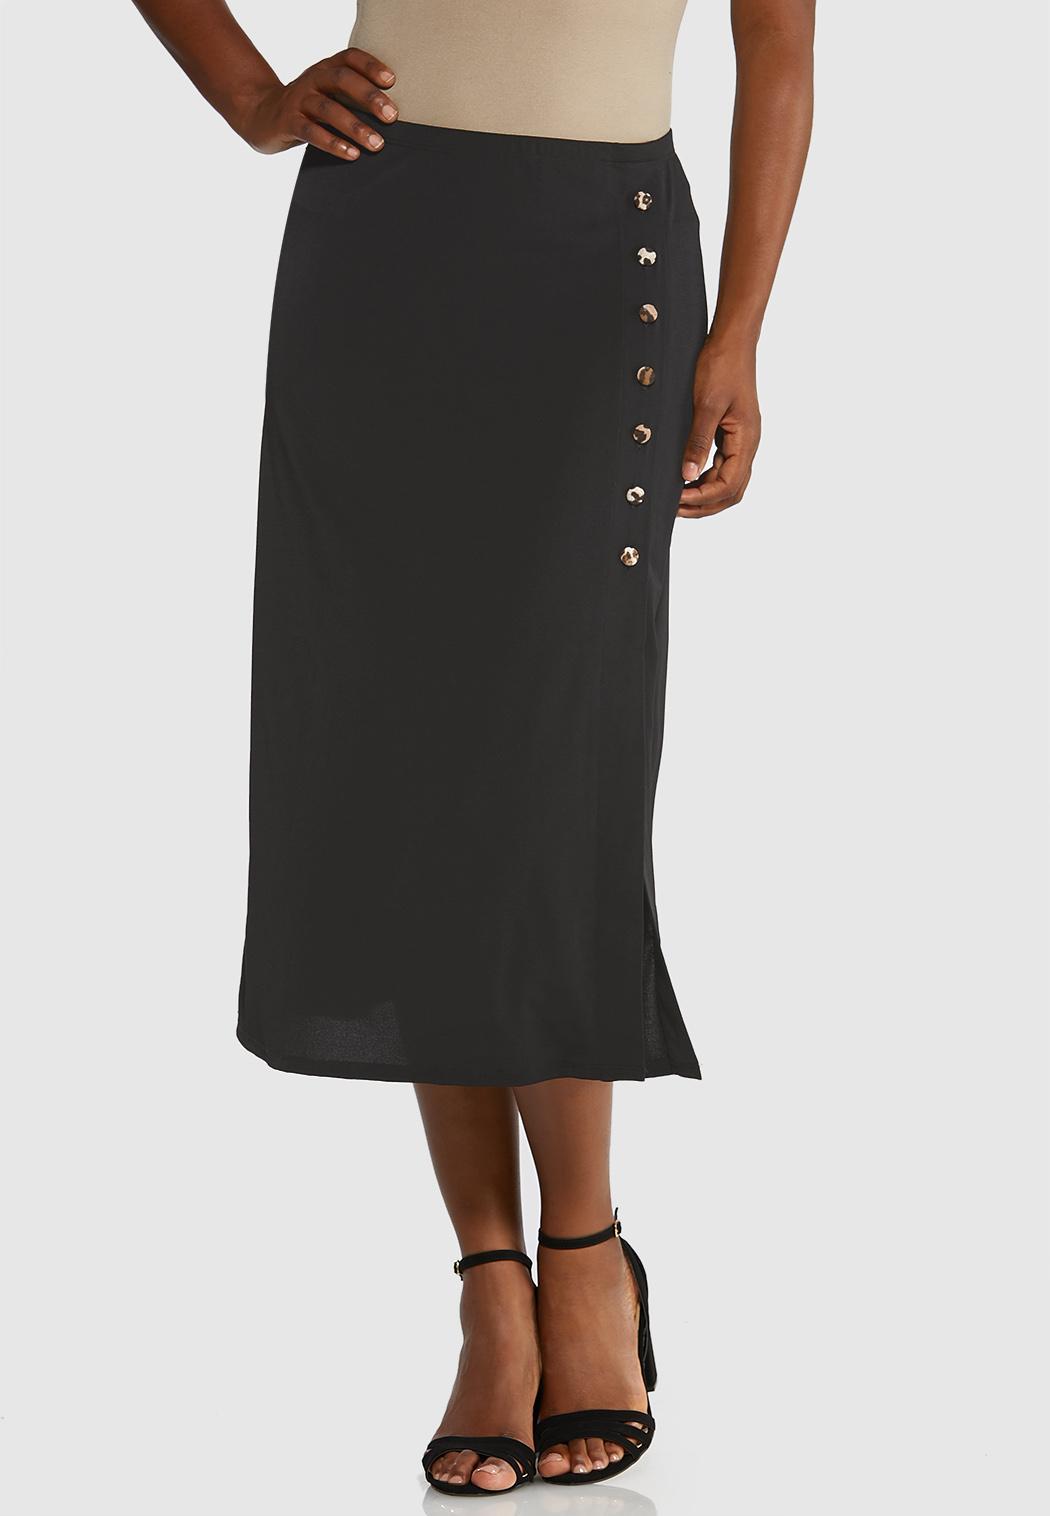 4662d929940 Women's Skirts